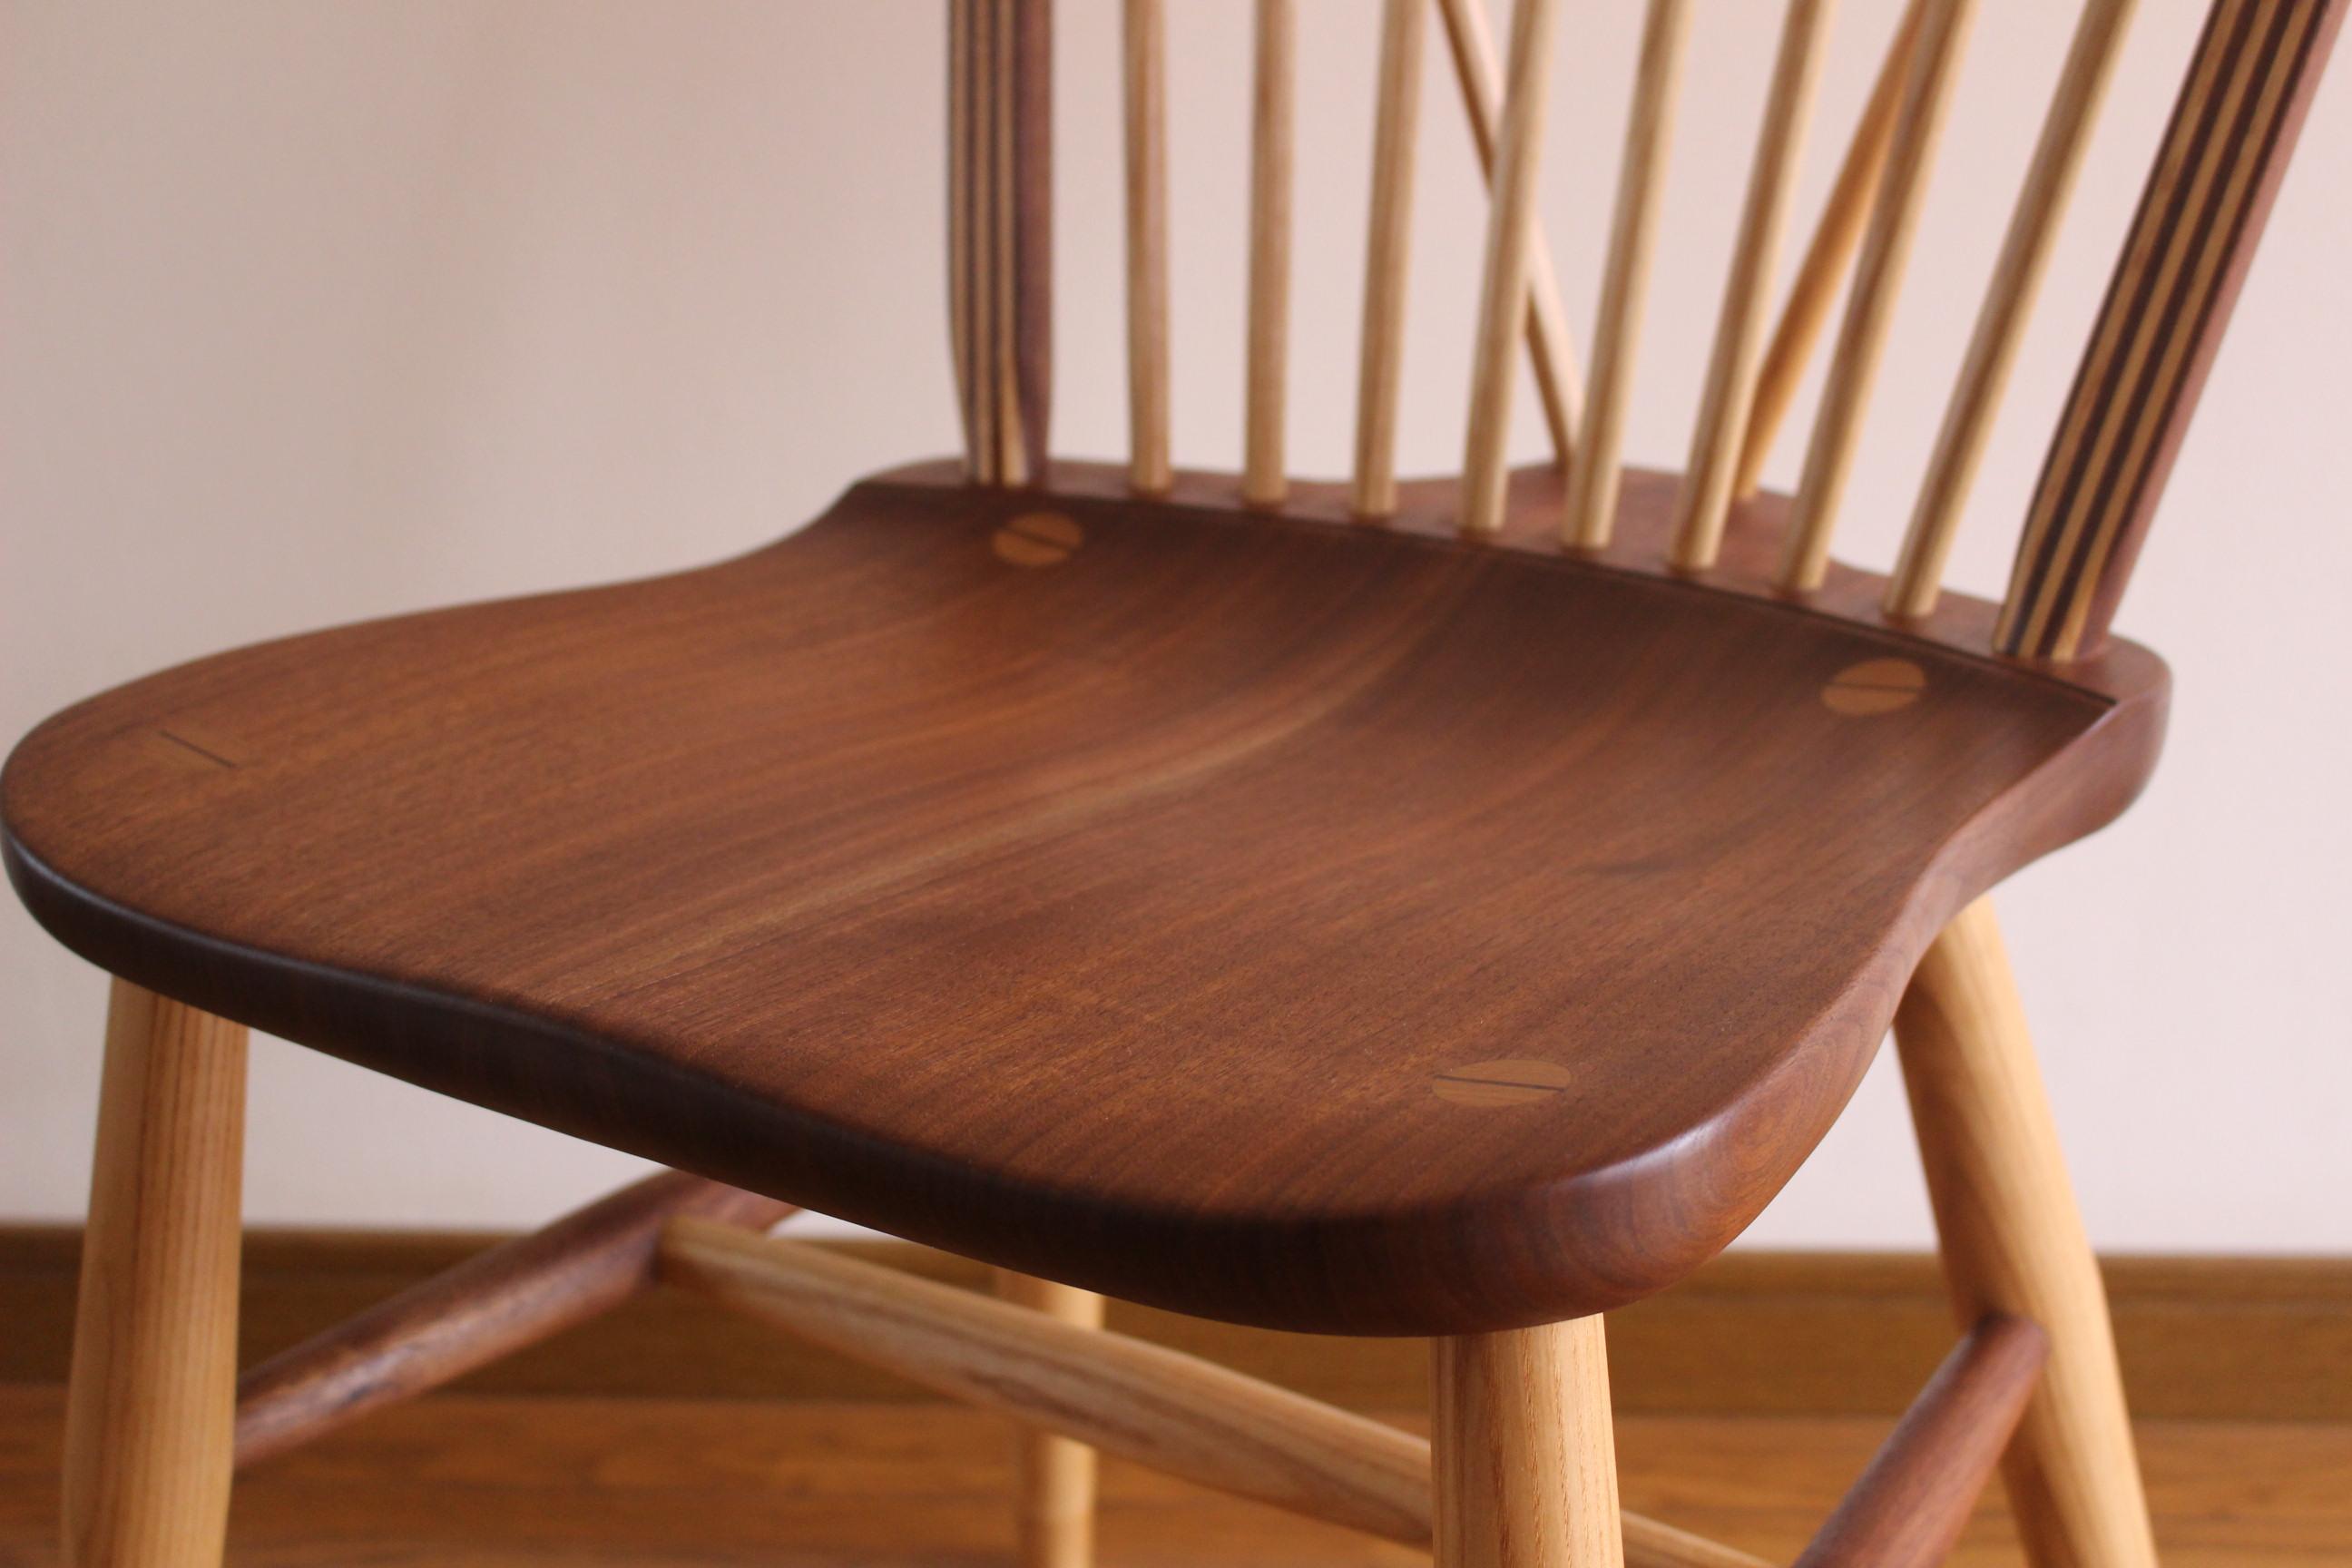 Loop Back Chair